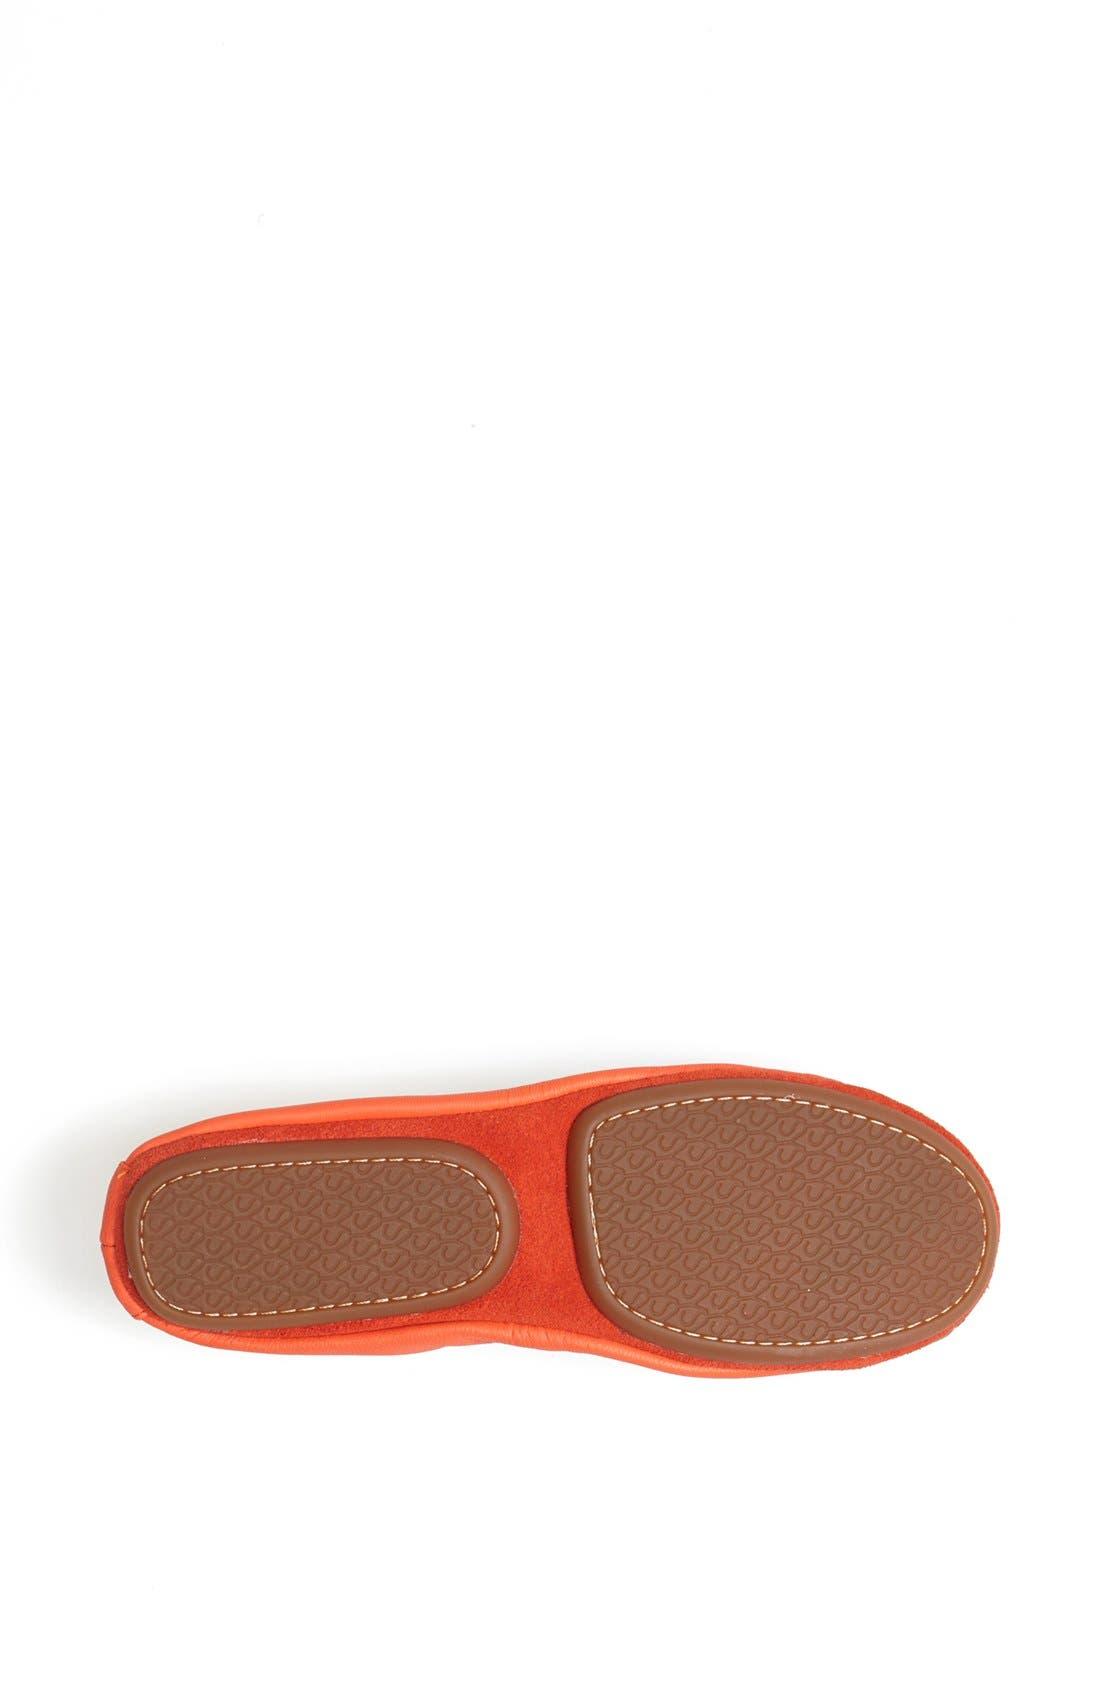 Alternate Image 4  - Yosi Samra Studded Cap Toe Foldable Ballet Flat